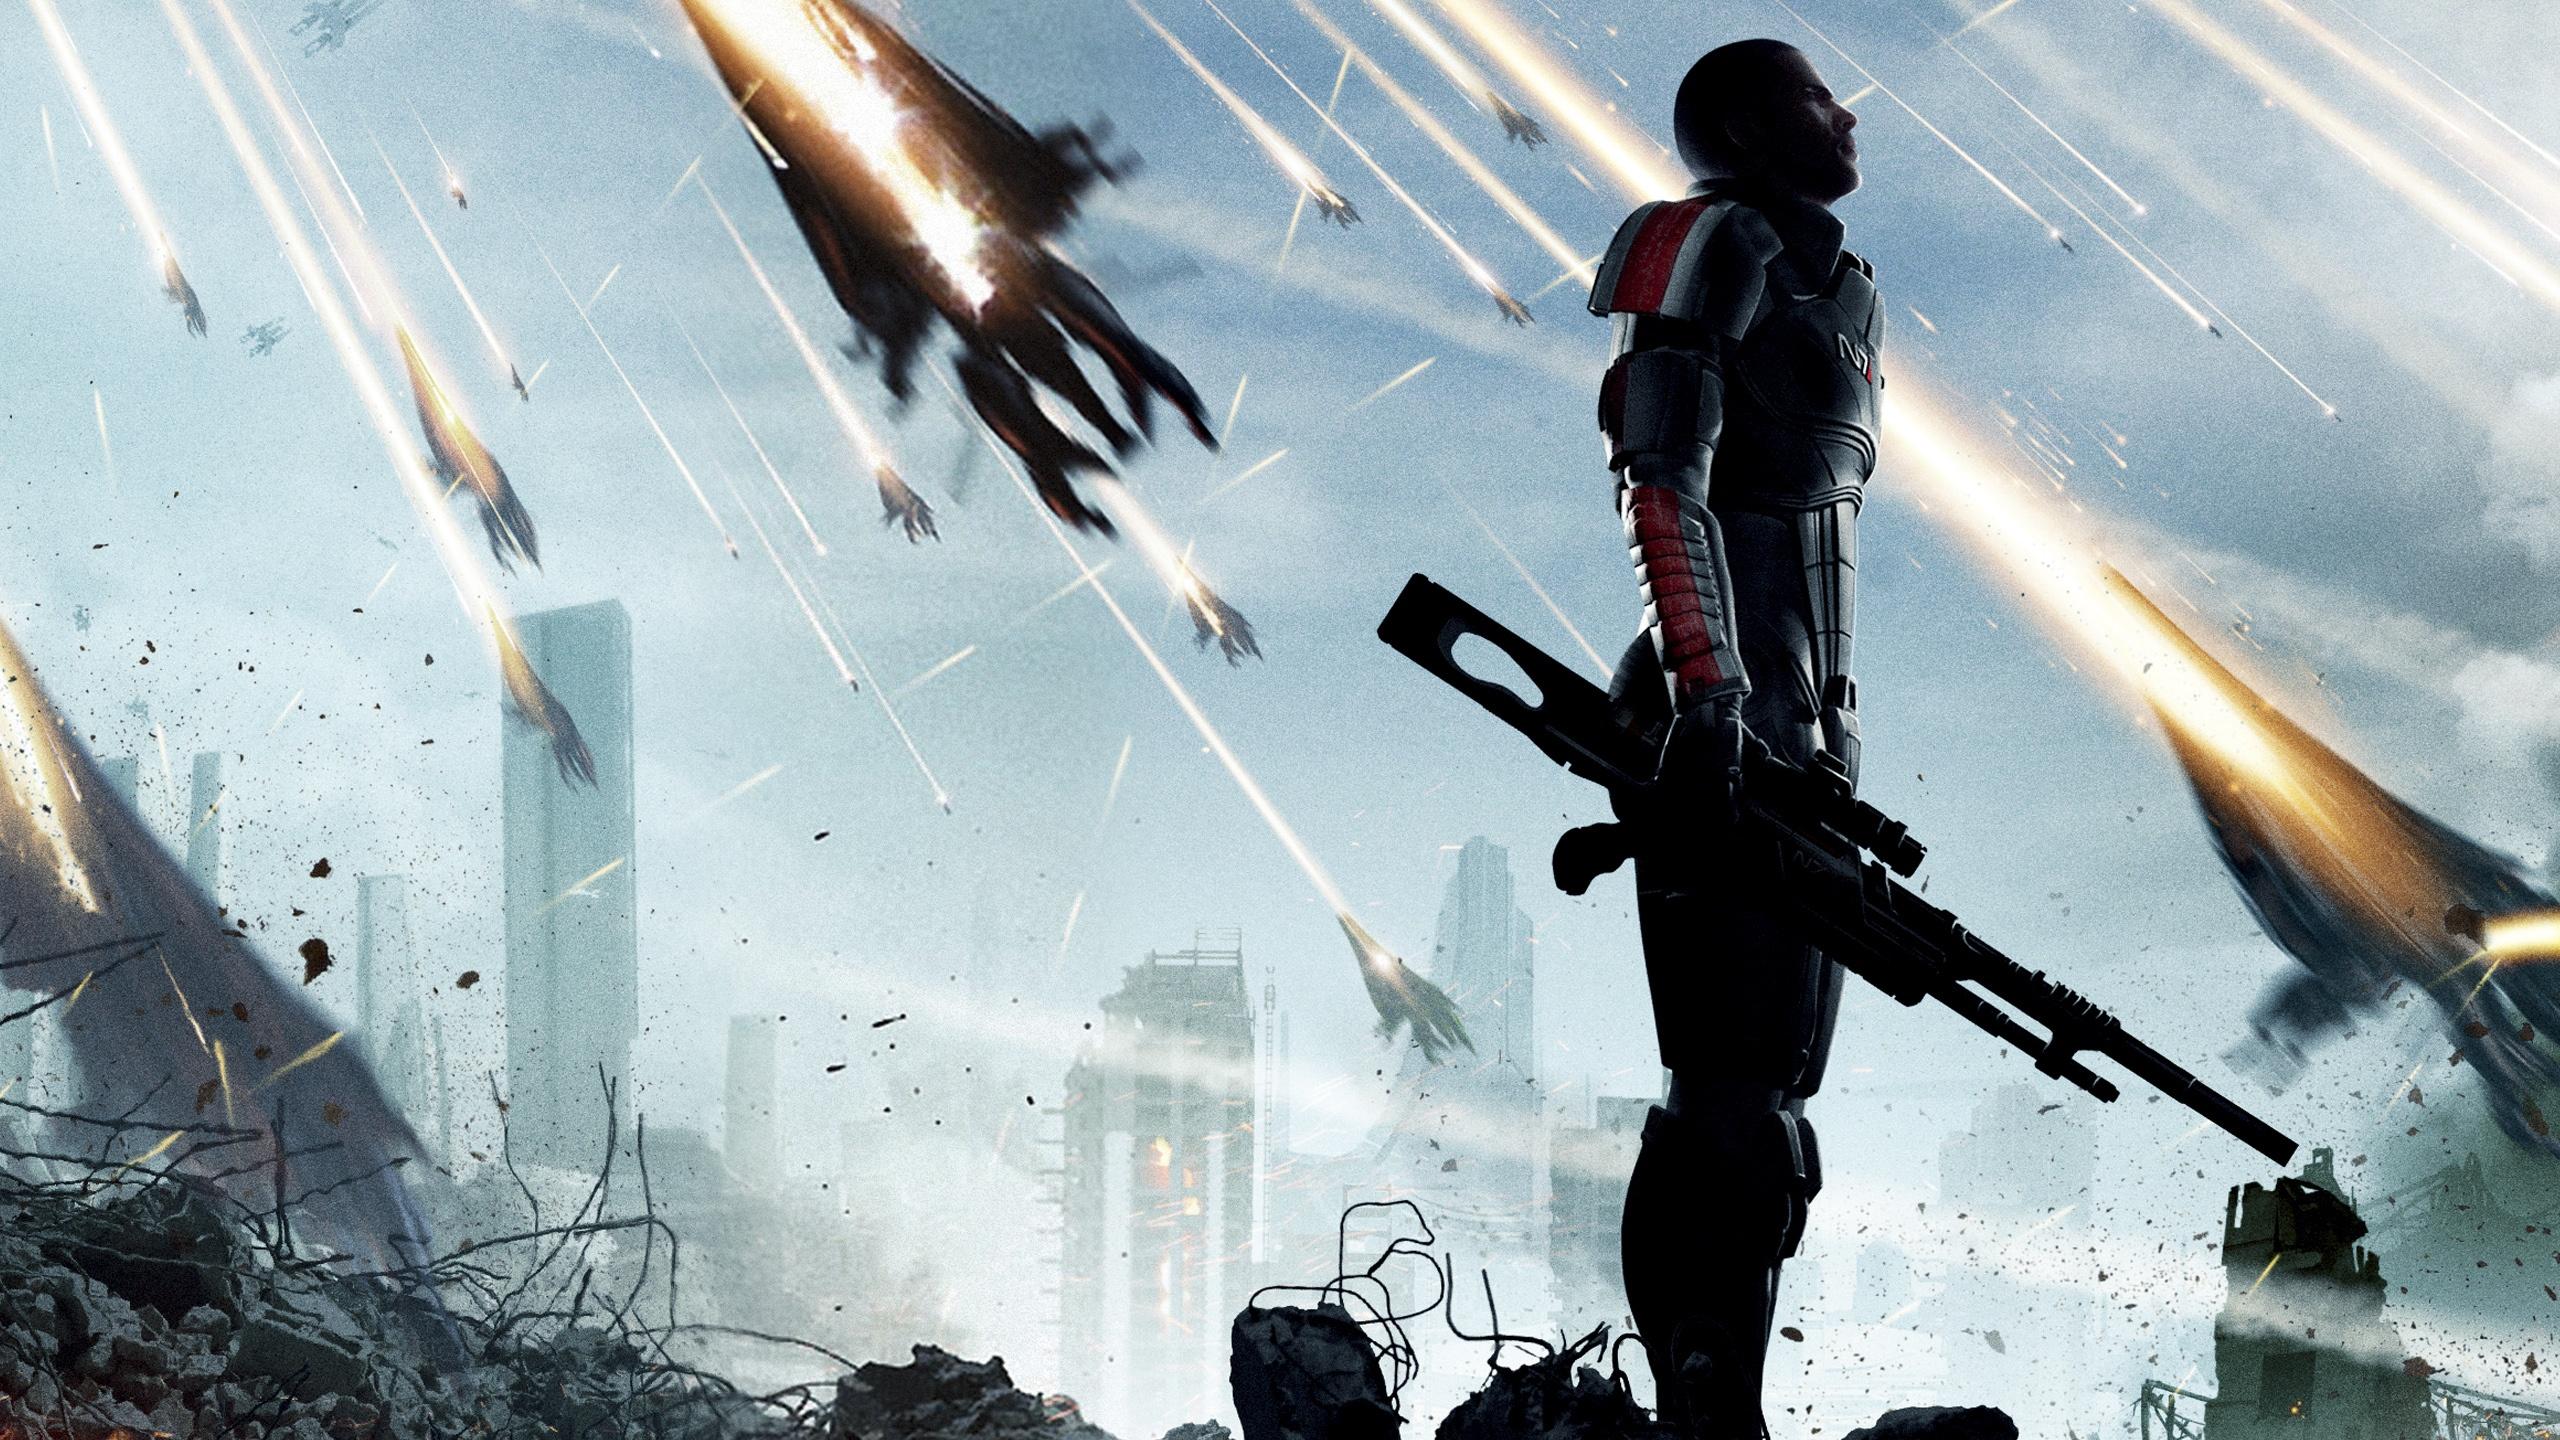 Mass Effect 3 Wallpaper: Wallpaper Mass Effect 3 Game 2012 2560x1600 HD Picture, Image